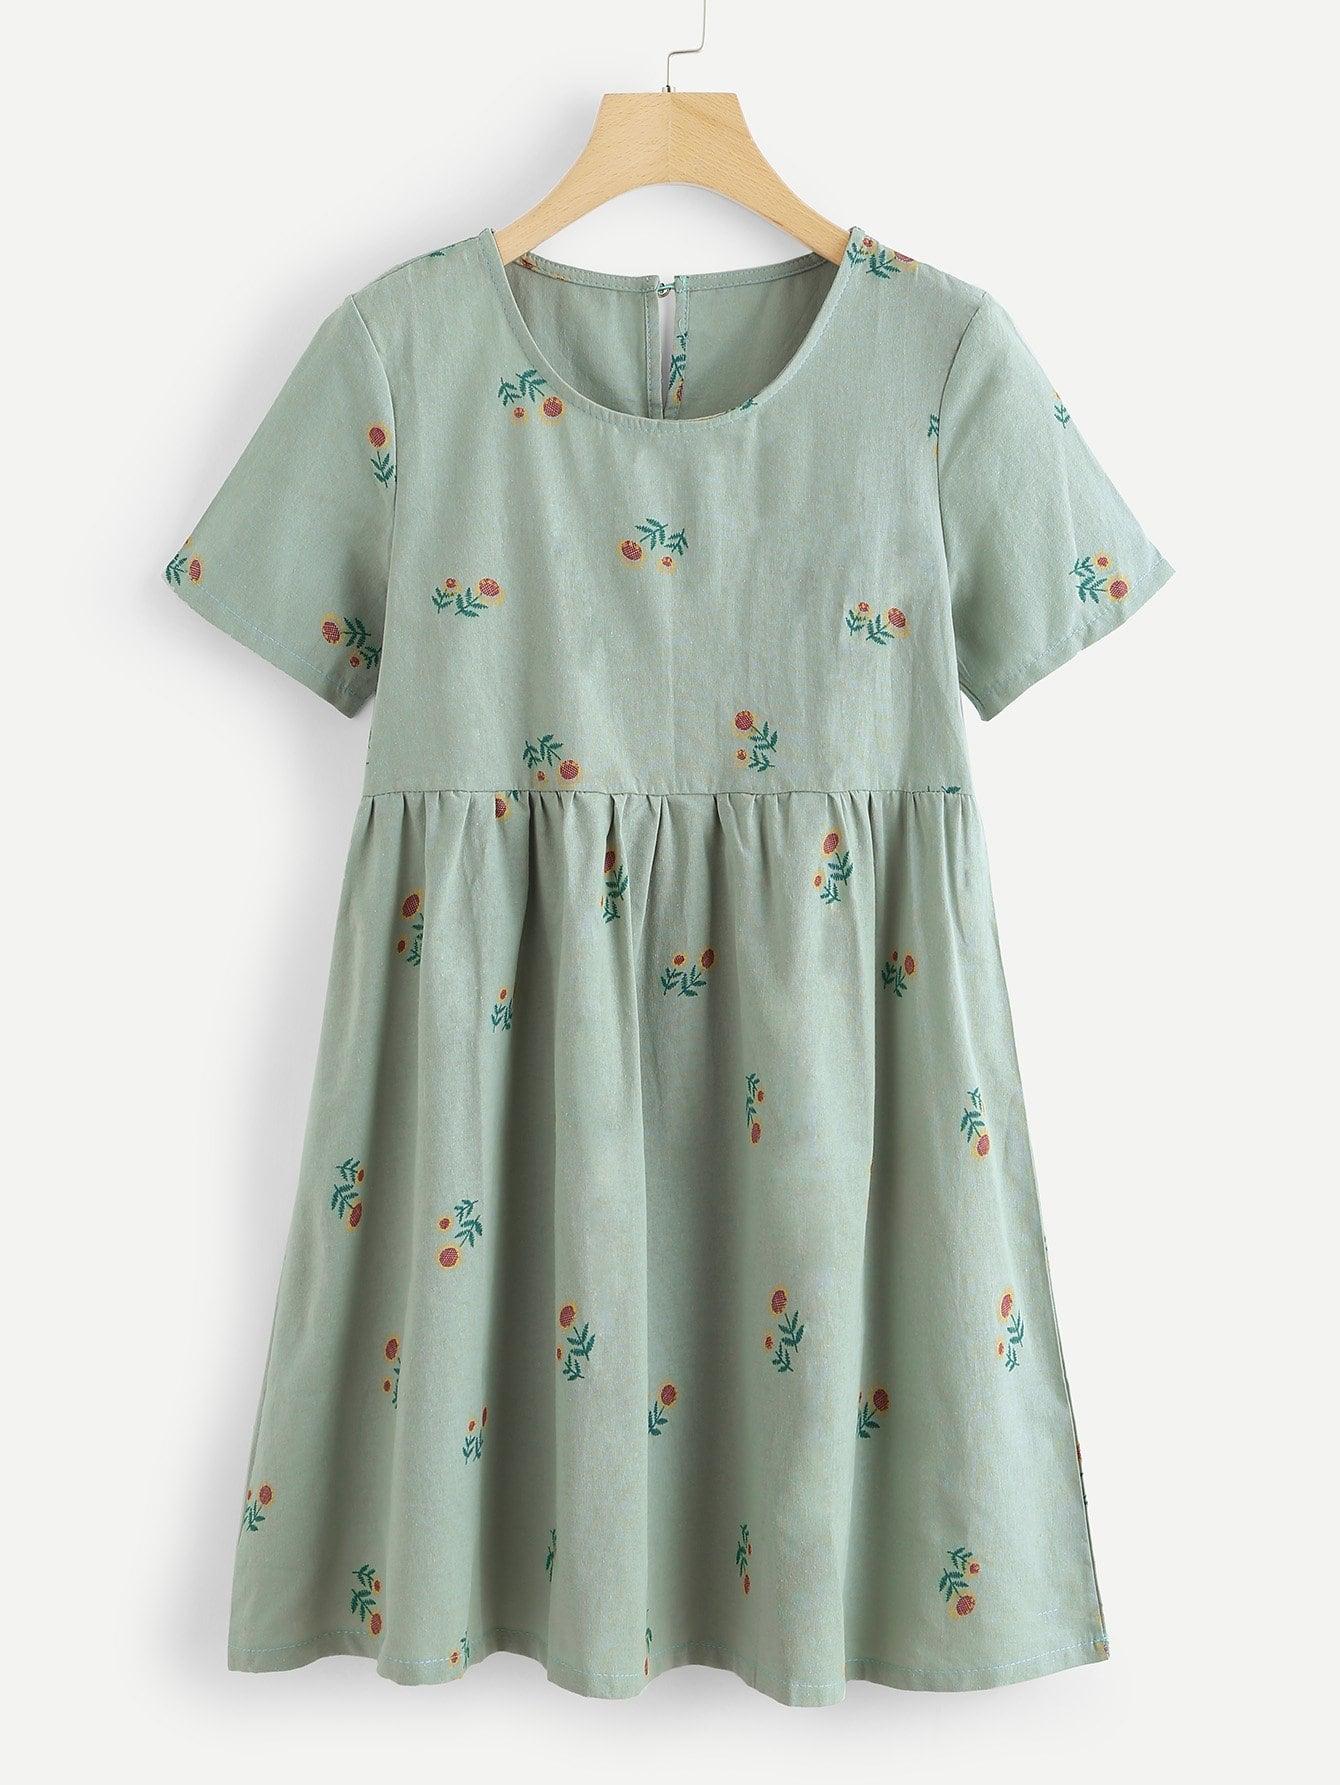 Купить Ситцевое платье с замочной скважиной сзади одежды, null, SheIn